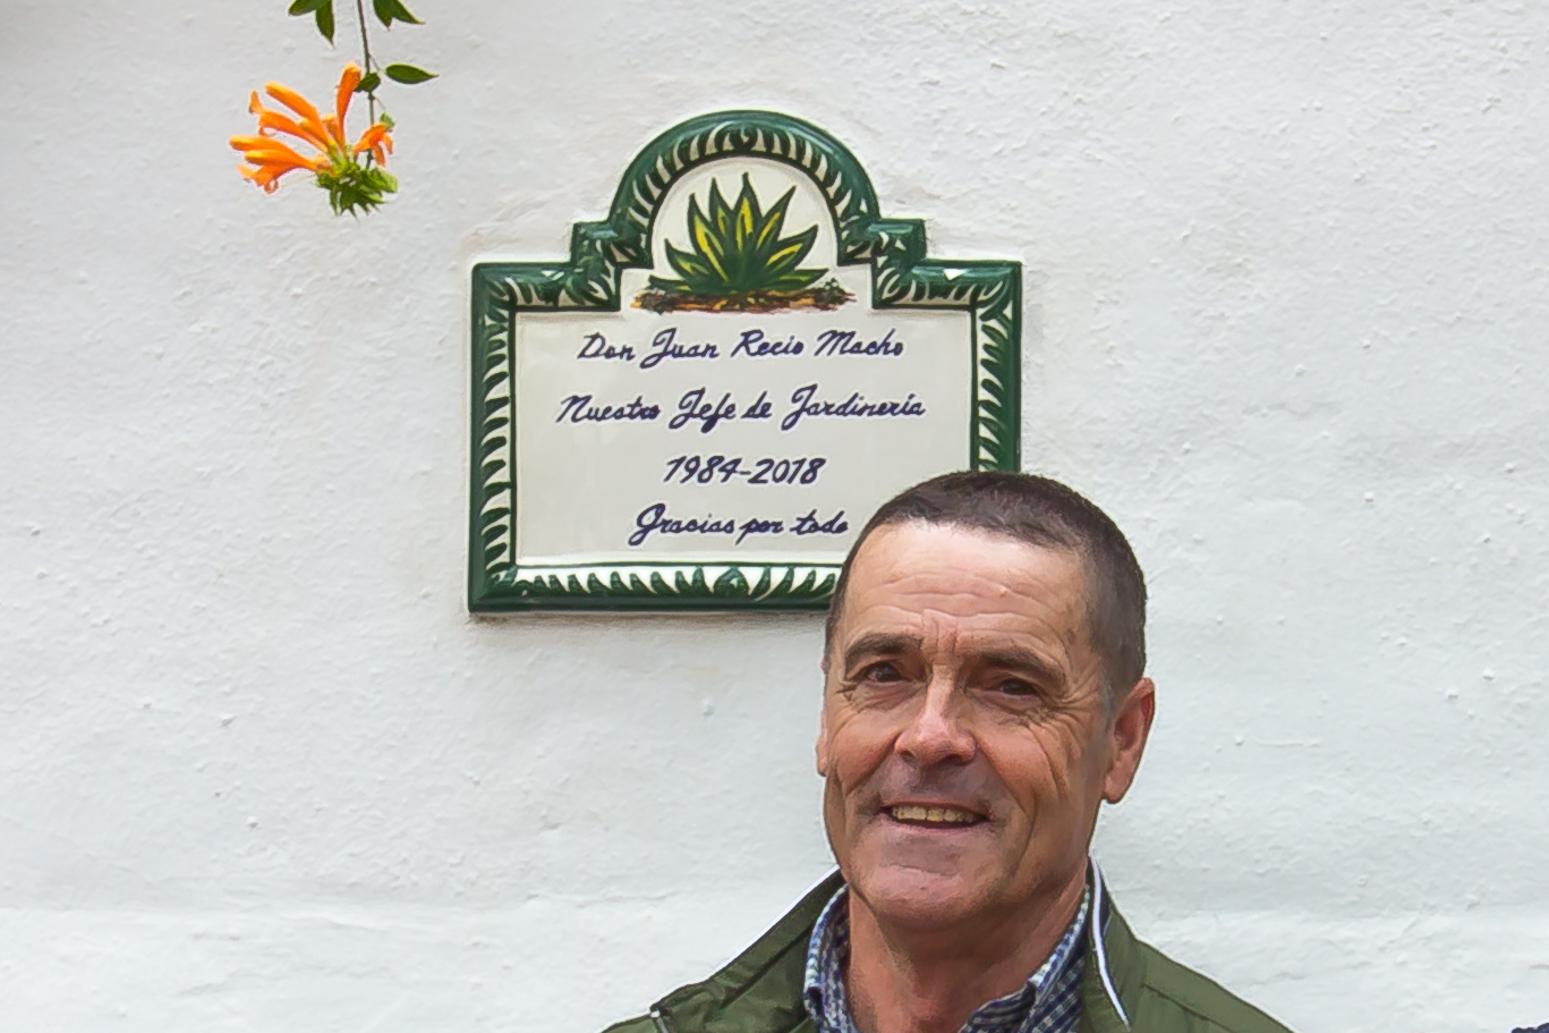 Community farewell and plaque unveiling for Juan Recio Macho